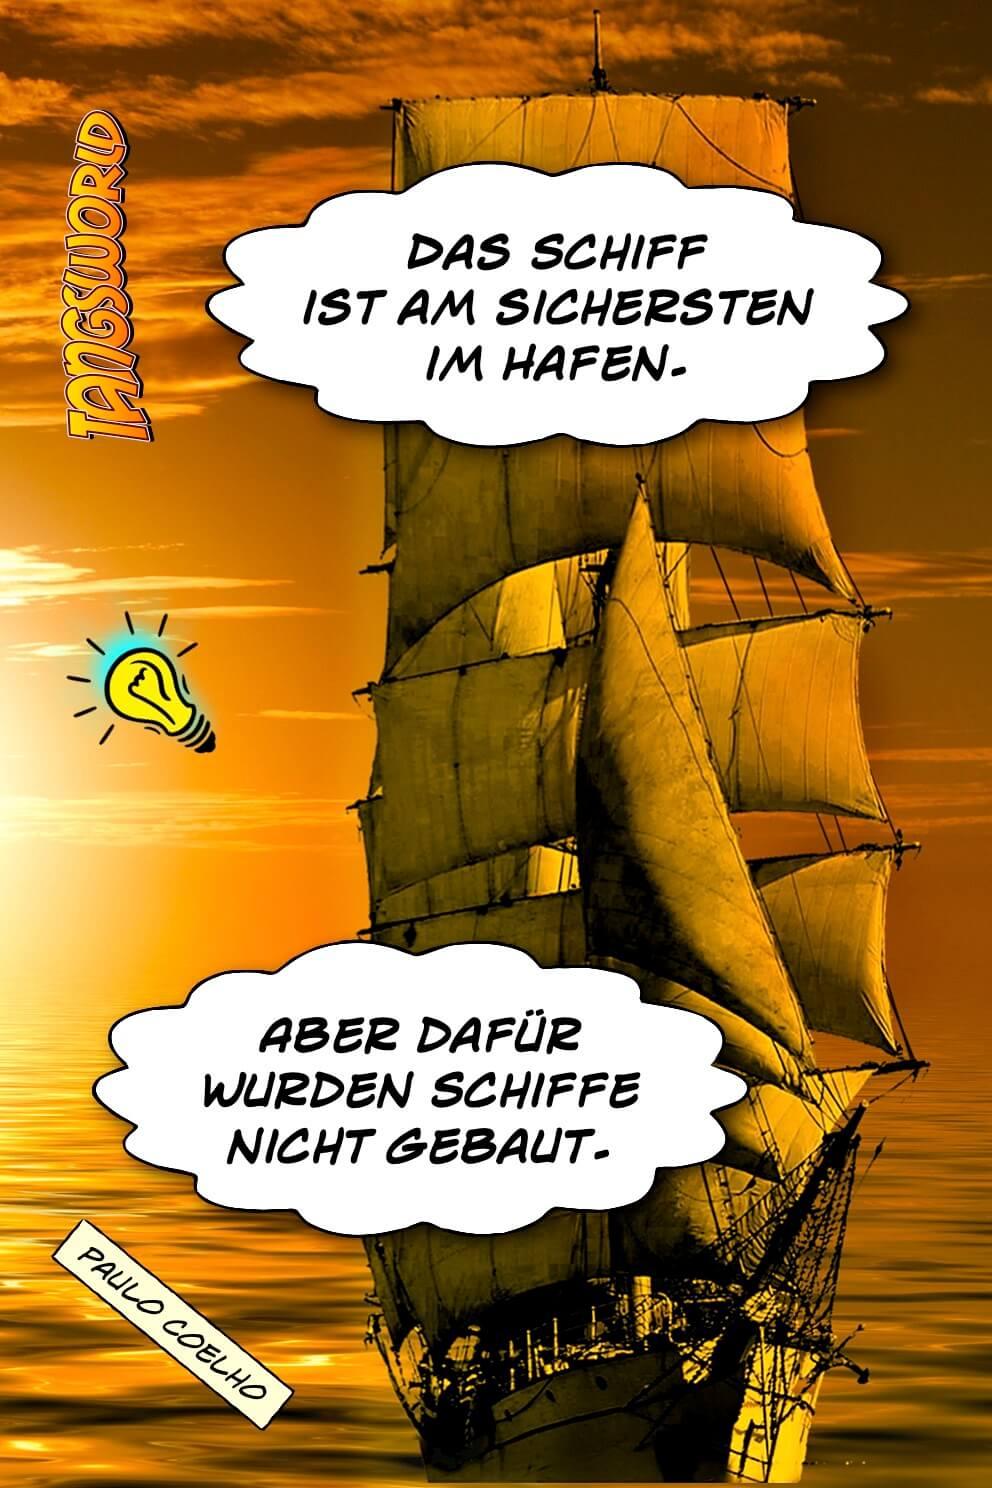 Das Schiff ist am sichersten im Hafen. Aber dafür wurden Schiffe nicht gebaut. - Geistesblitze | Paulo Coelho